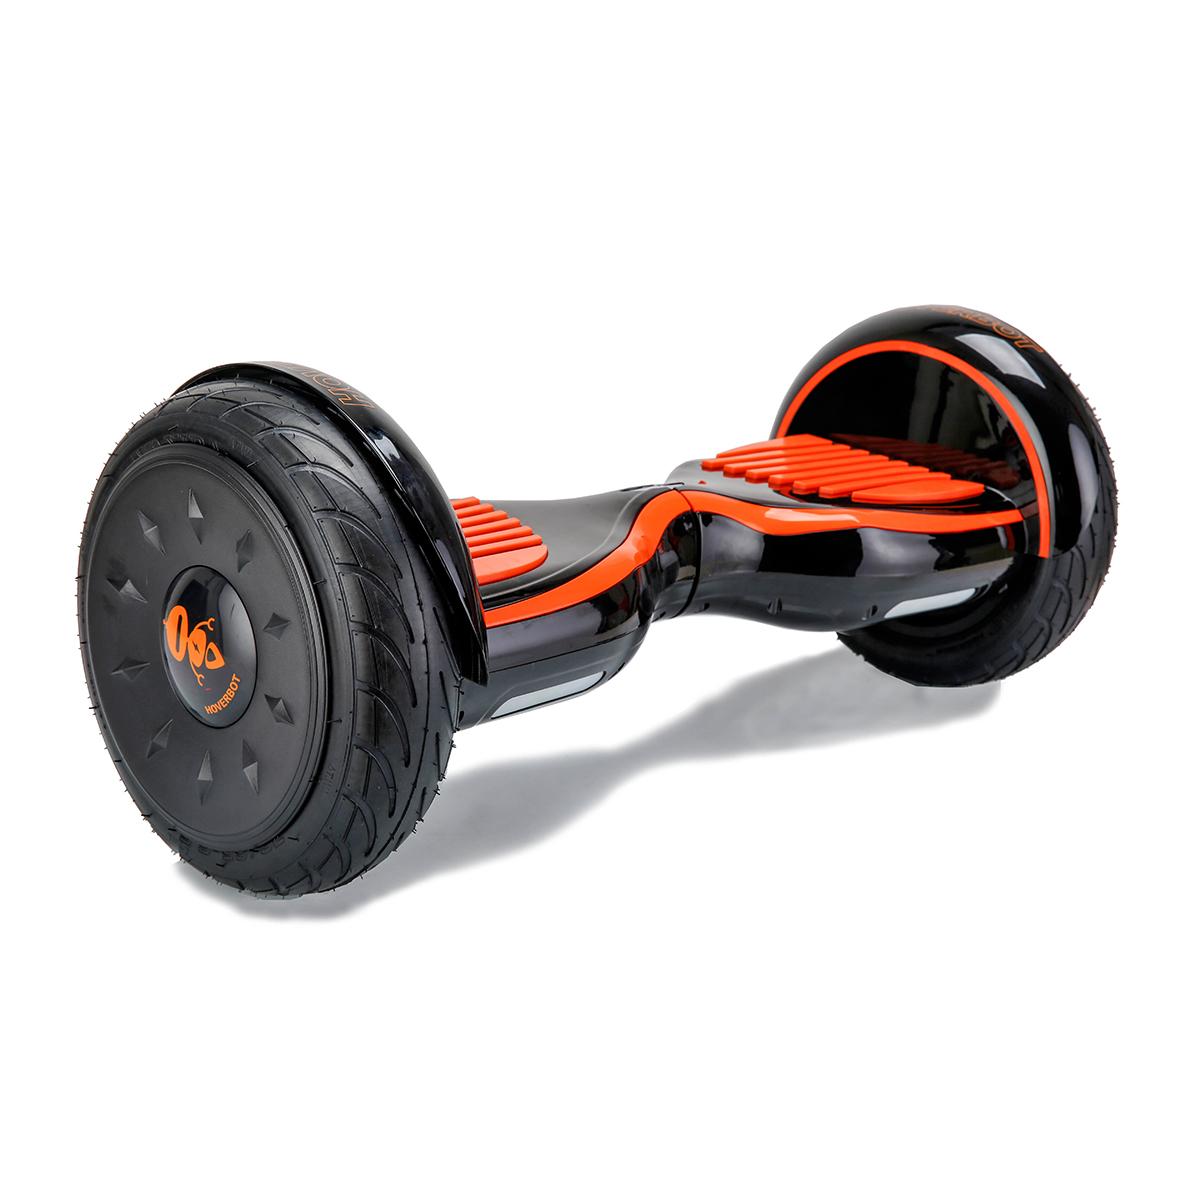 Hoverbot C2 Light черно-красный глянцевый (Bluetooth-музыка + сумка) - 10,5 дюймов - лучший выбор!, артикул: 835931